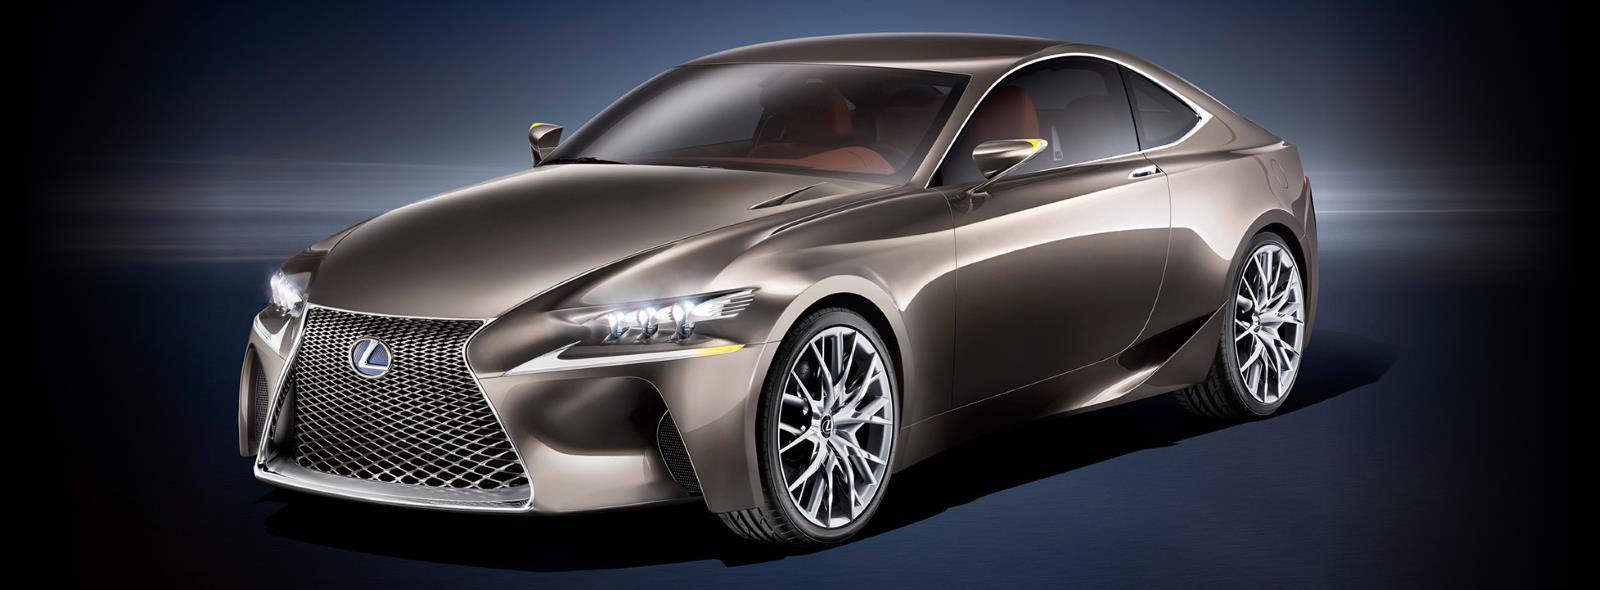 Спортивный концепт кар Lexus LF CC